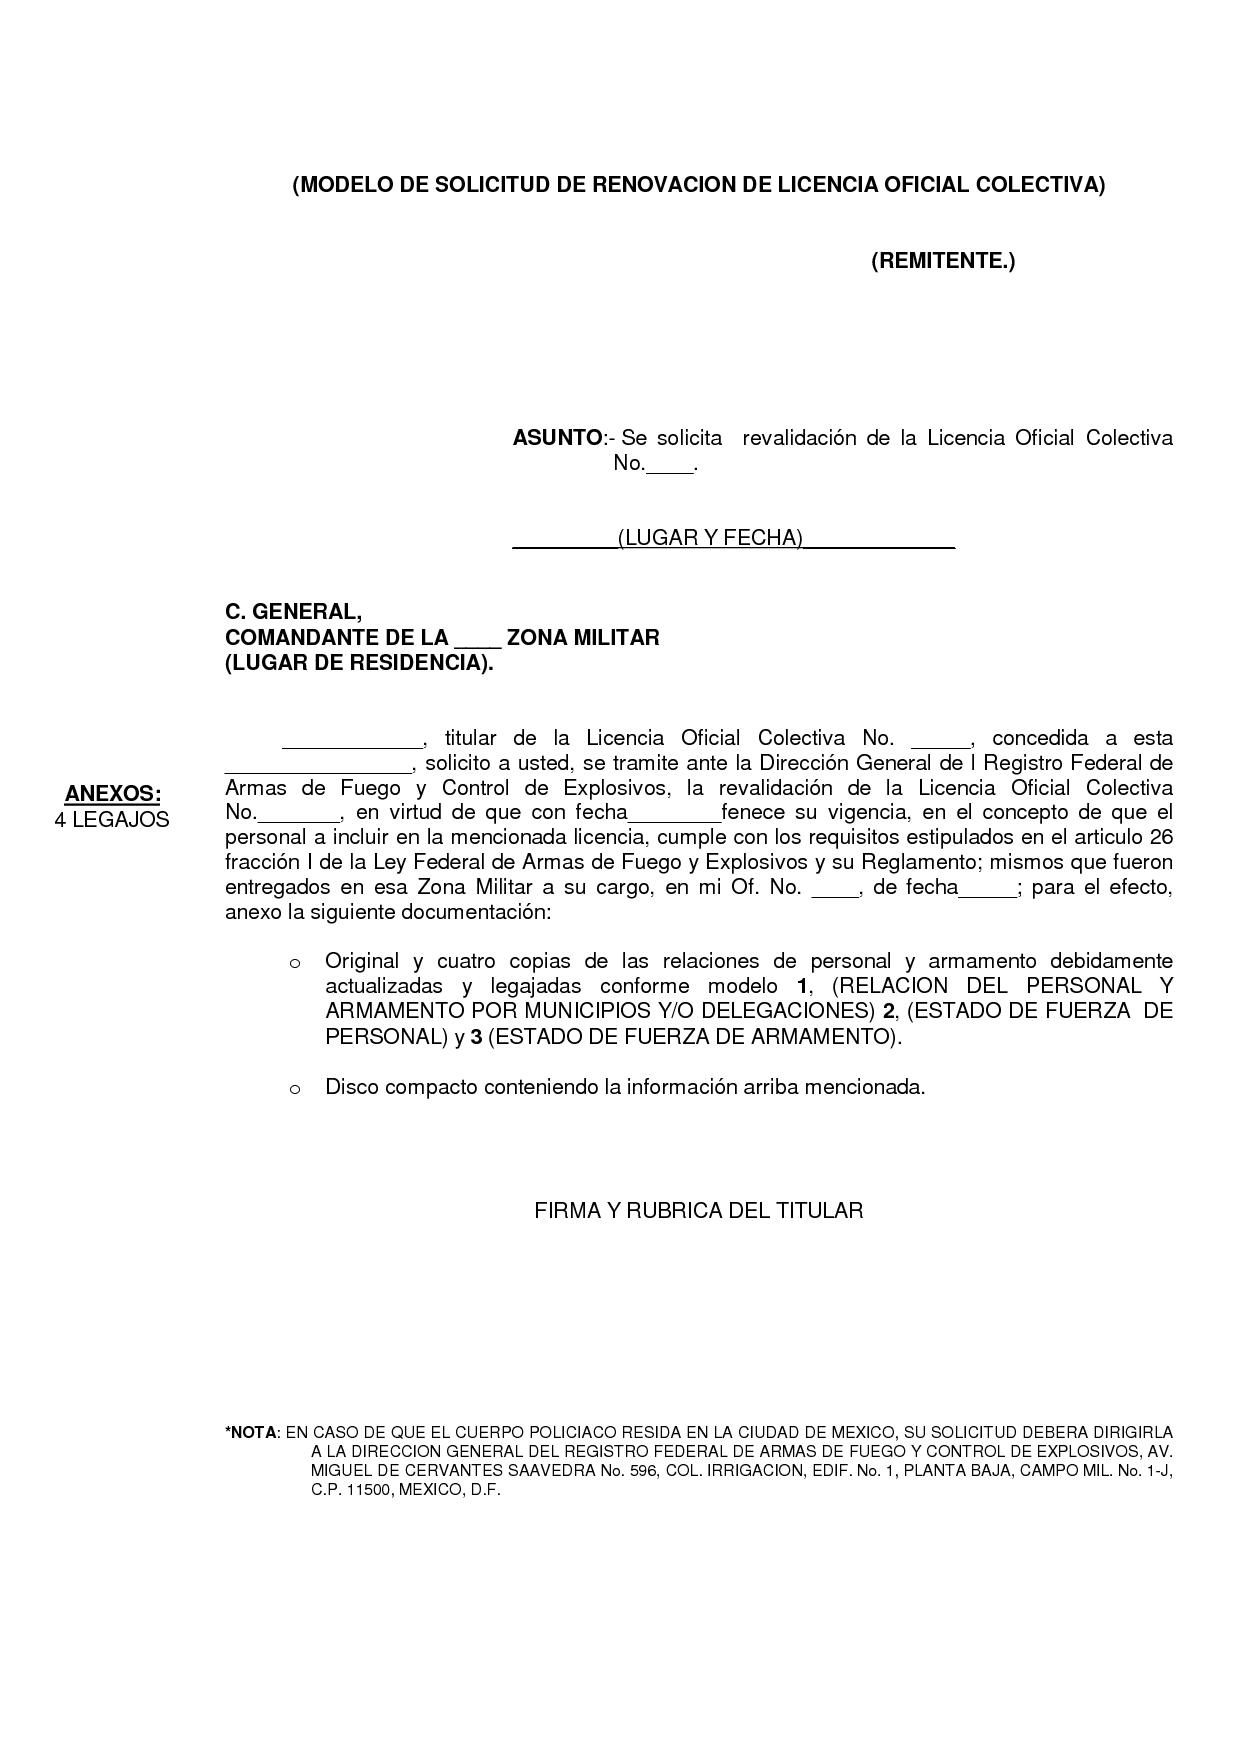 MODELO DE SOLICITUD DE RENOVACION DE LICENCIA OFICIAL COLECTIVA by ...